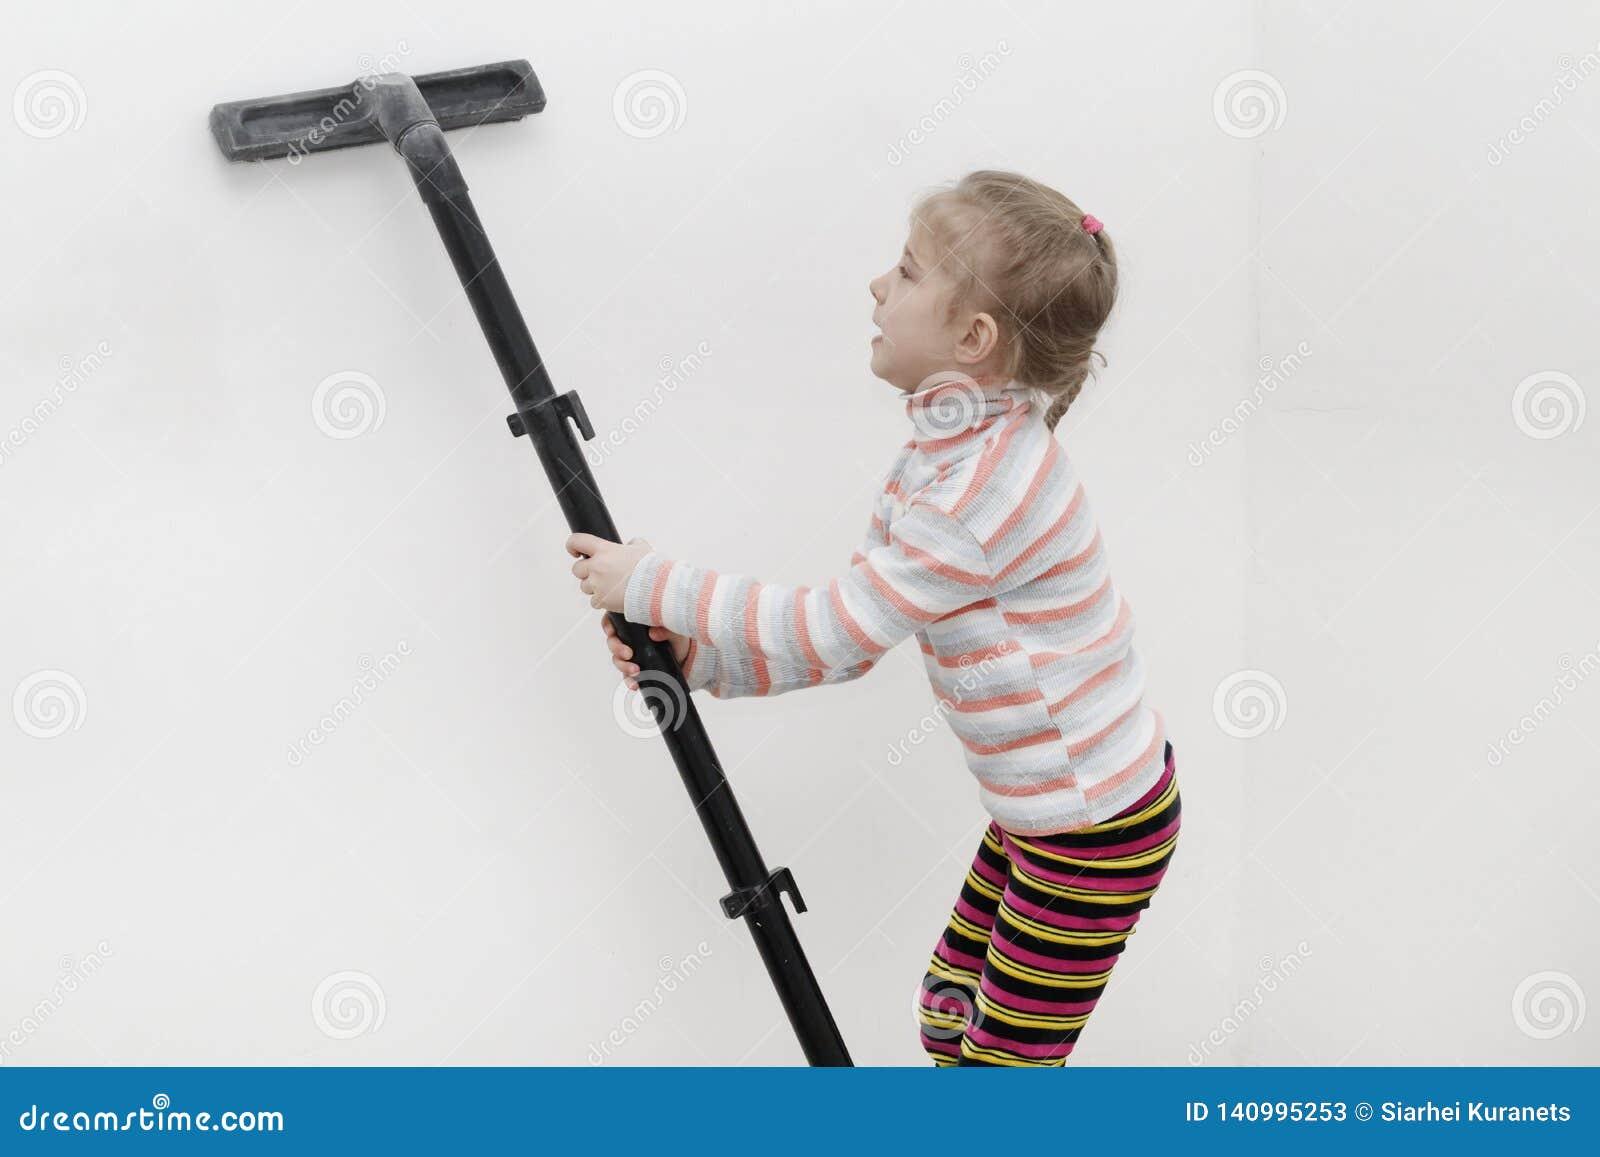 Meisje met wit haar verwijdert het huis na een belangrijke revisie in de handen van de stofcollector